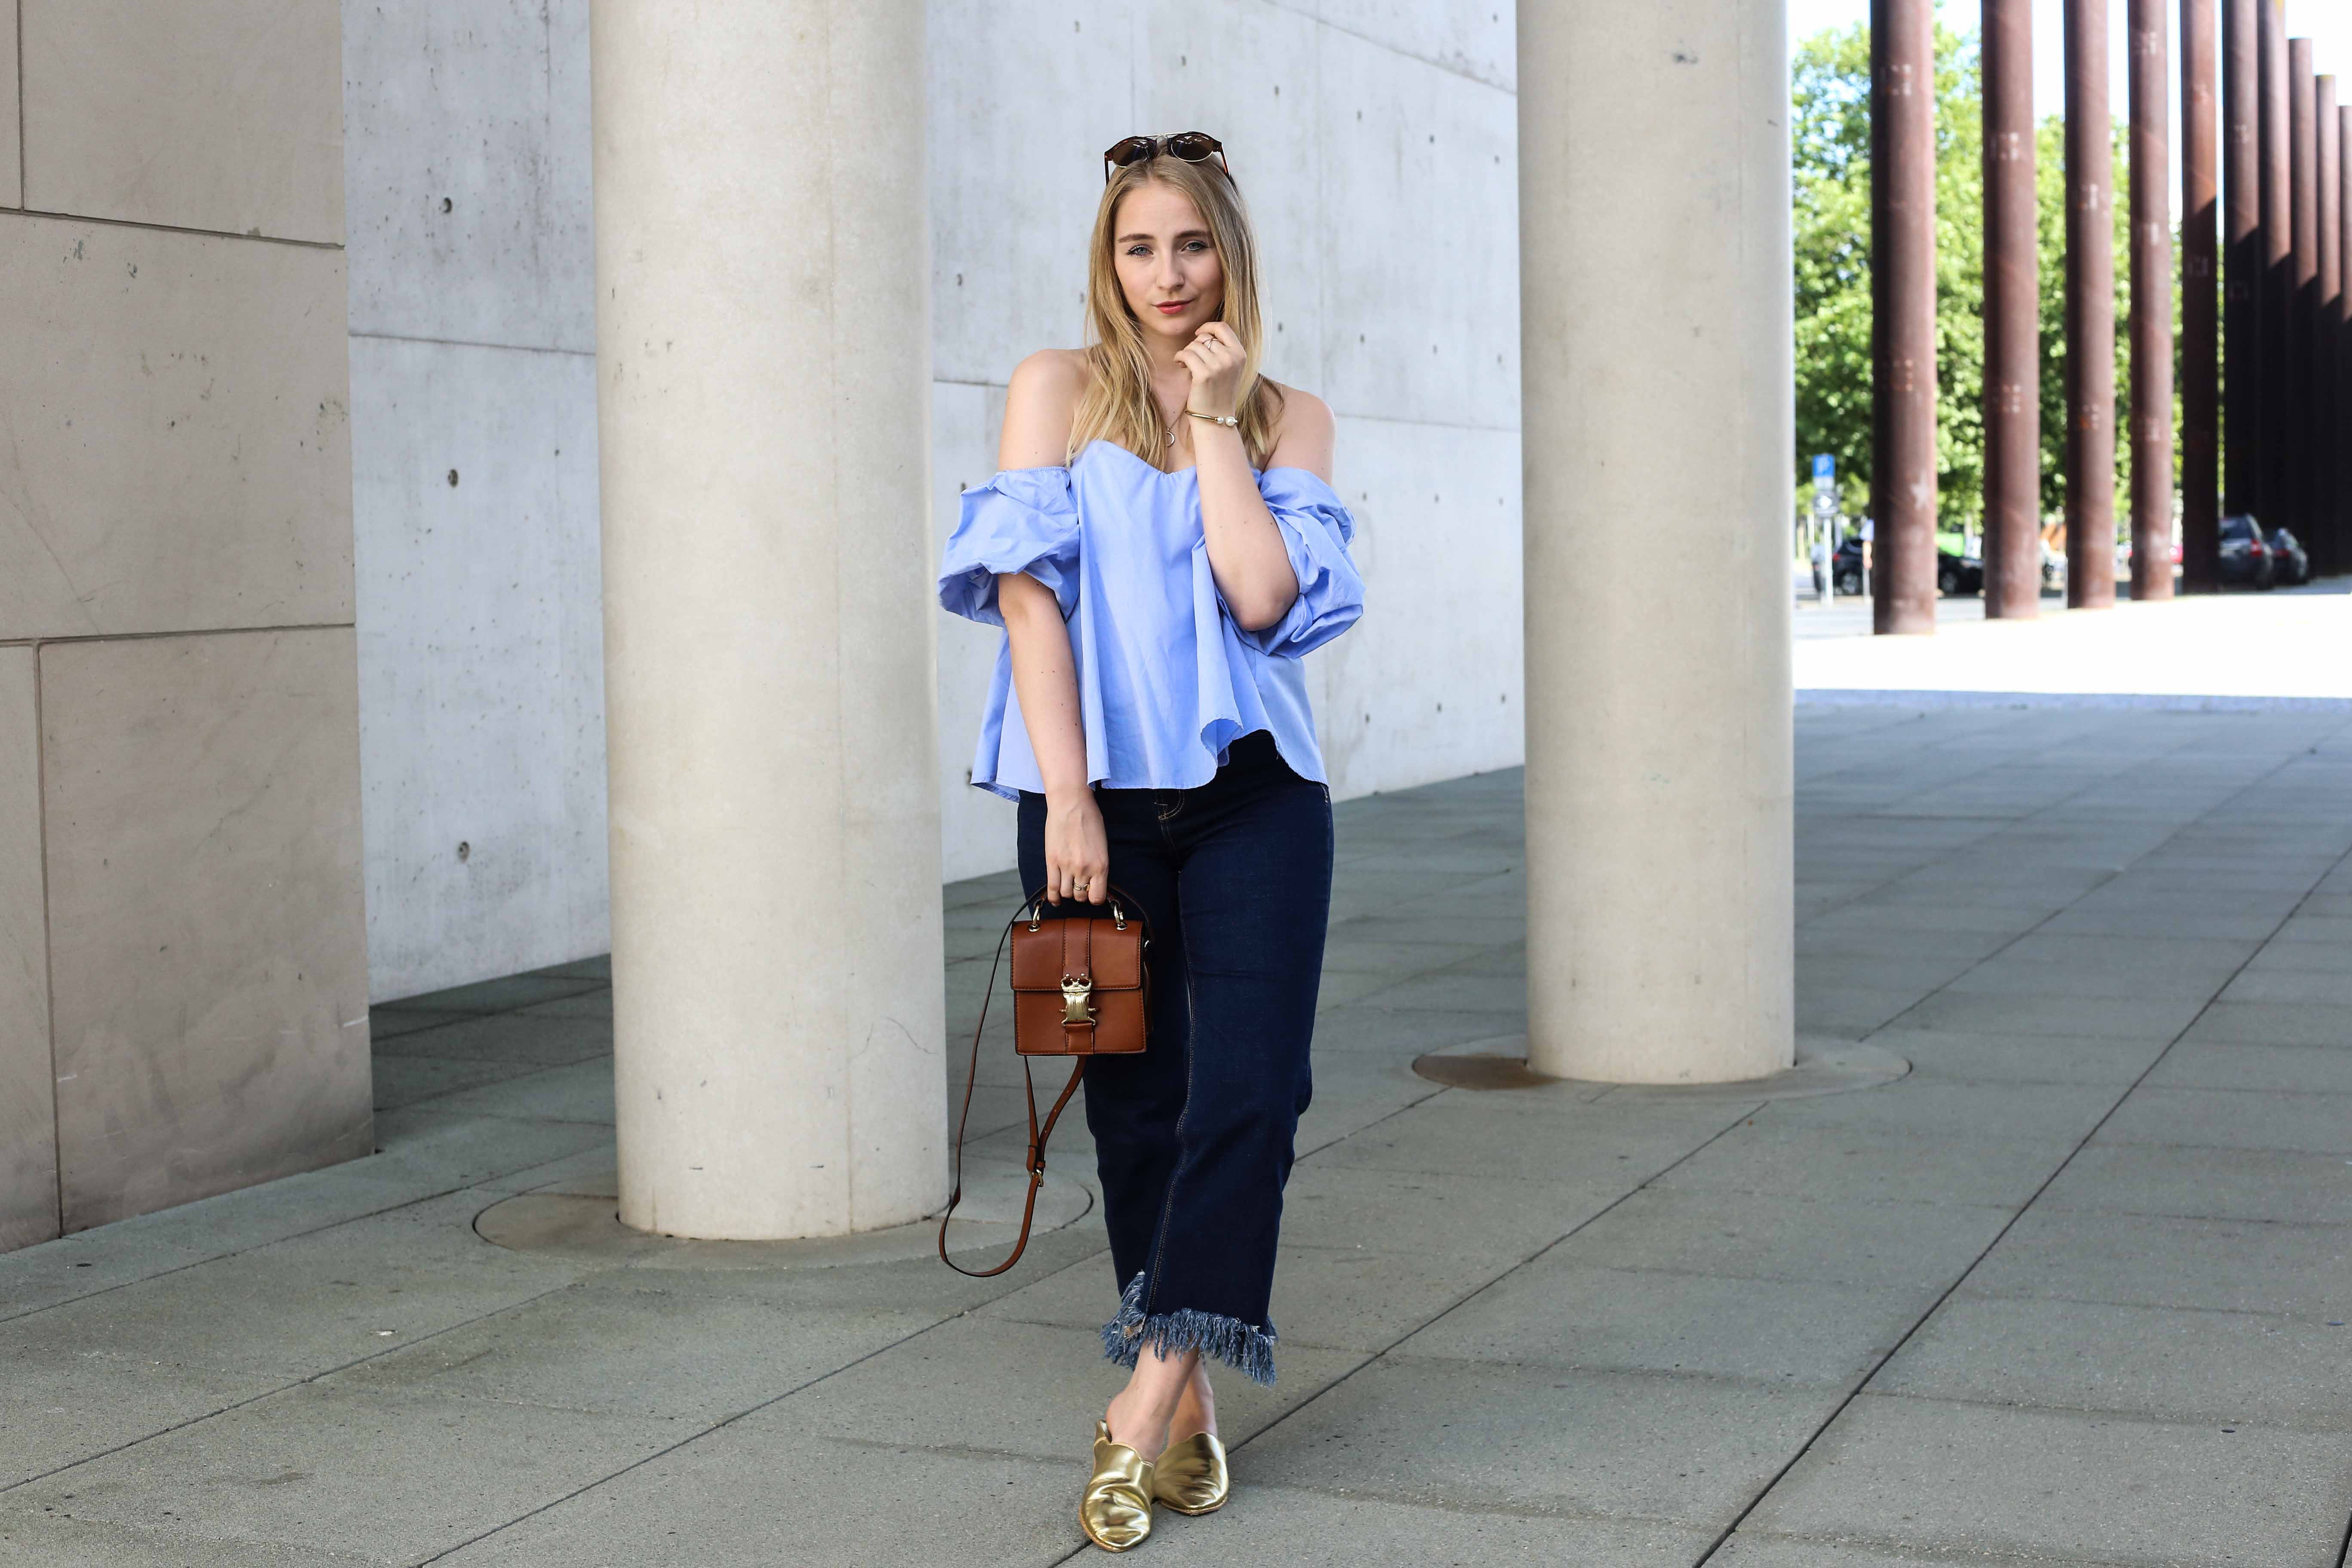 off-shoulder-fransenjeans-outfit-babouches-fashionblogger-modeblog-köln-berlin-modeblogger_7319